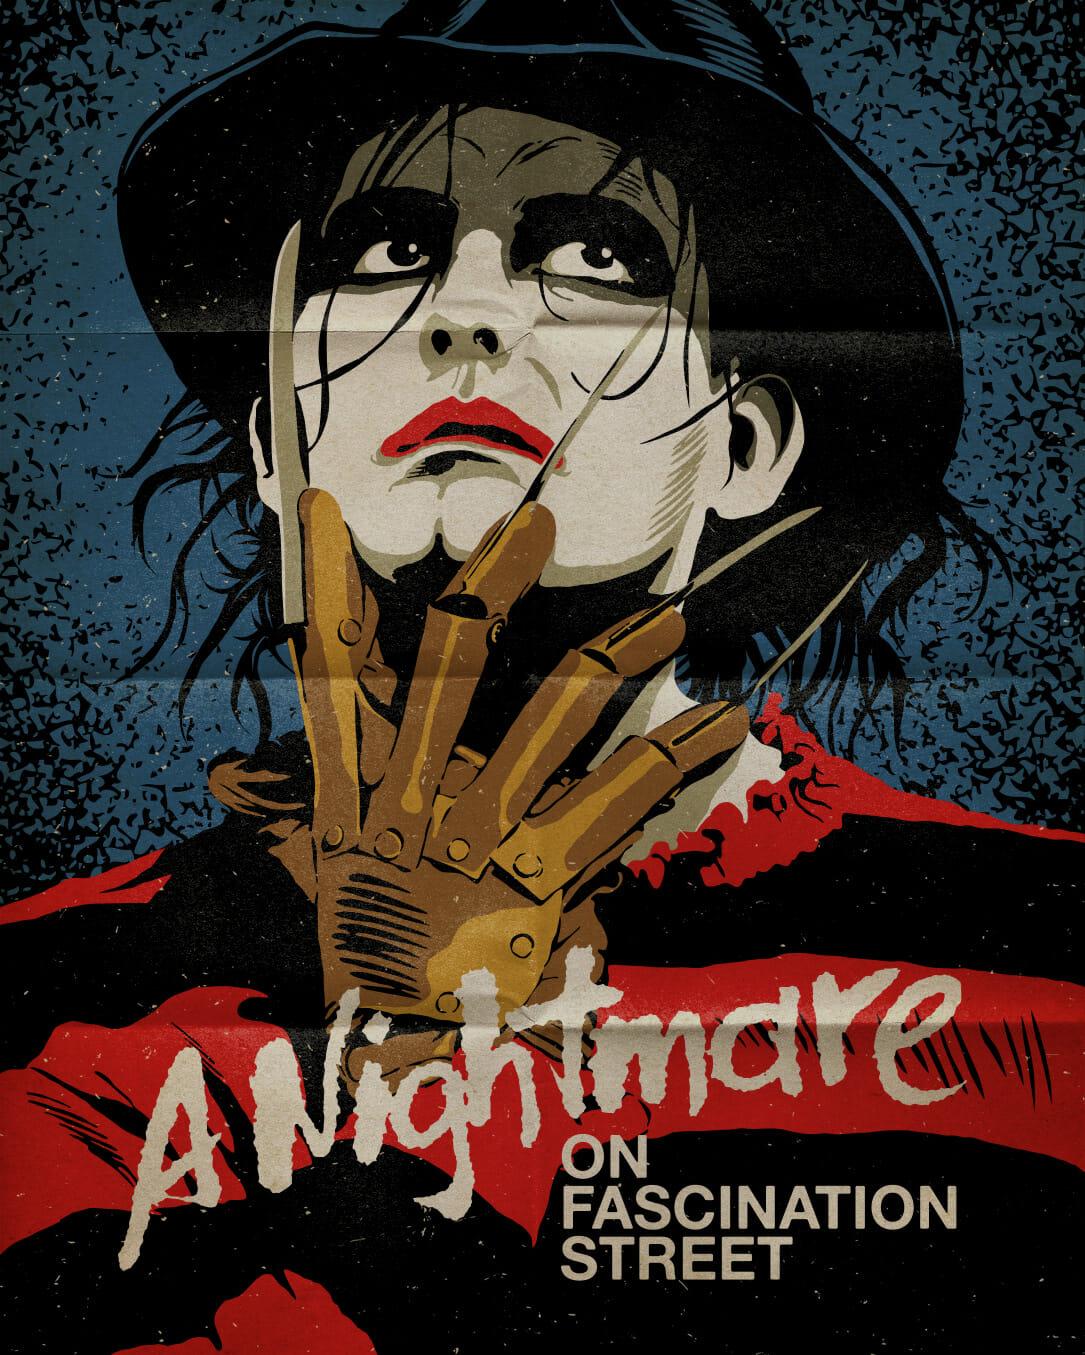 Illustration sur fond bleu d'un homme qui  le visage peint en blanc, les lèvres rouges et les yeux cernés de noir. Sa main est devant son menton. Il porte comme un gant de métal avec des lames au bout de chaque doigt.